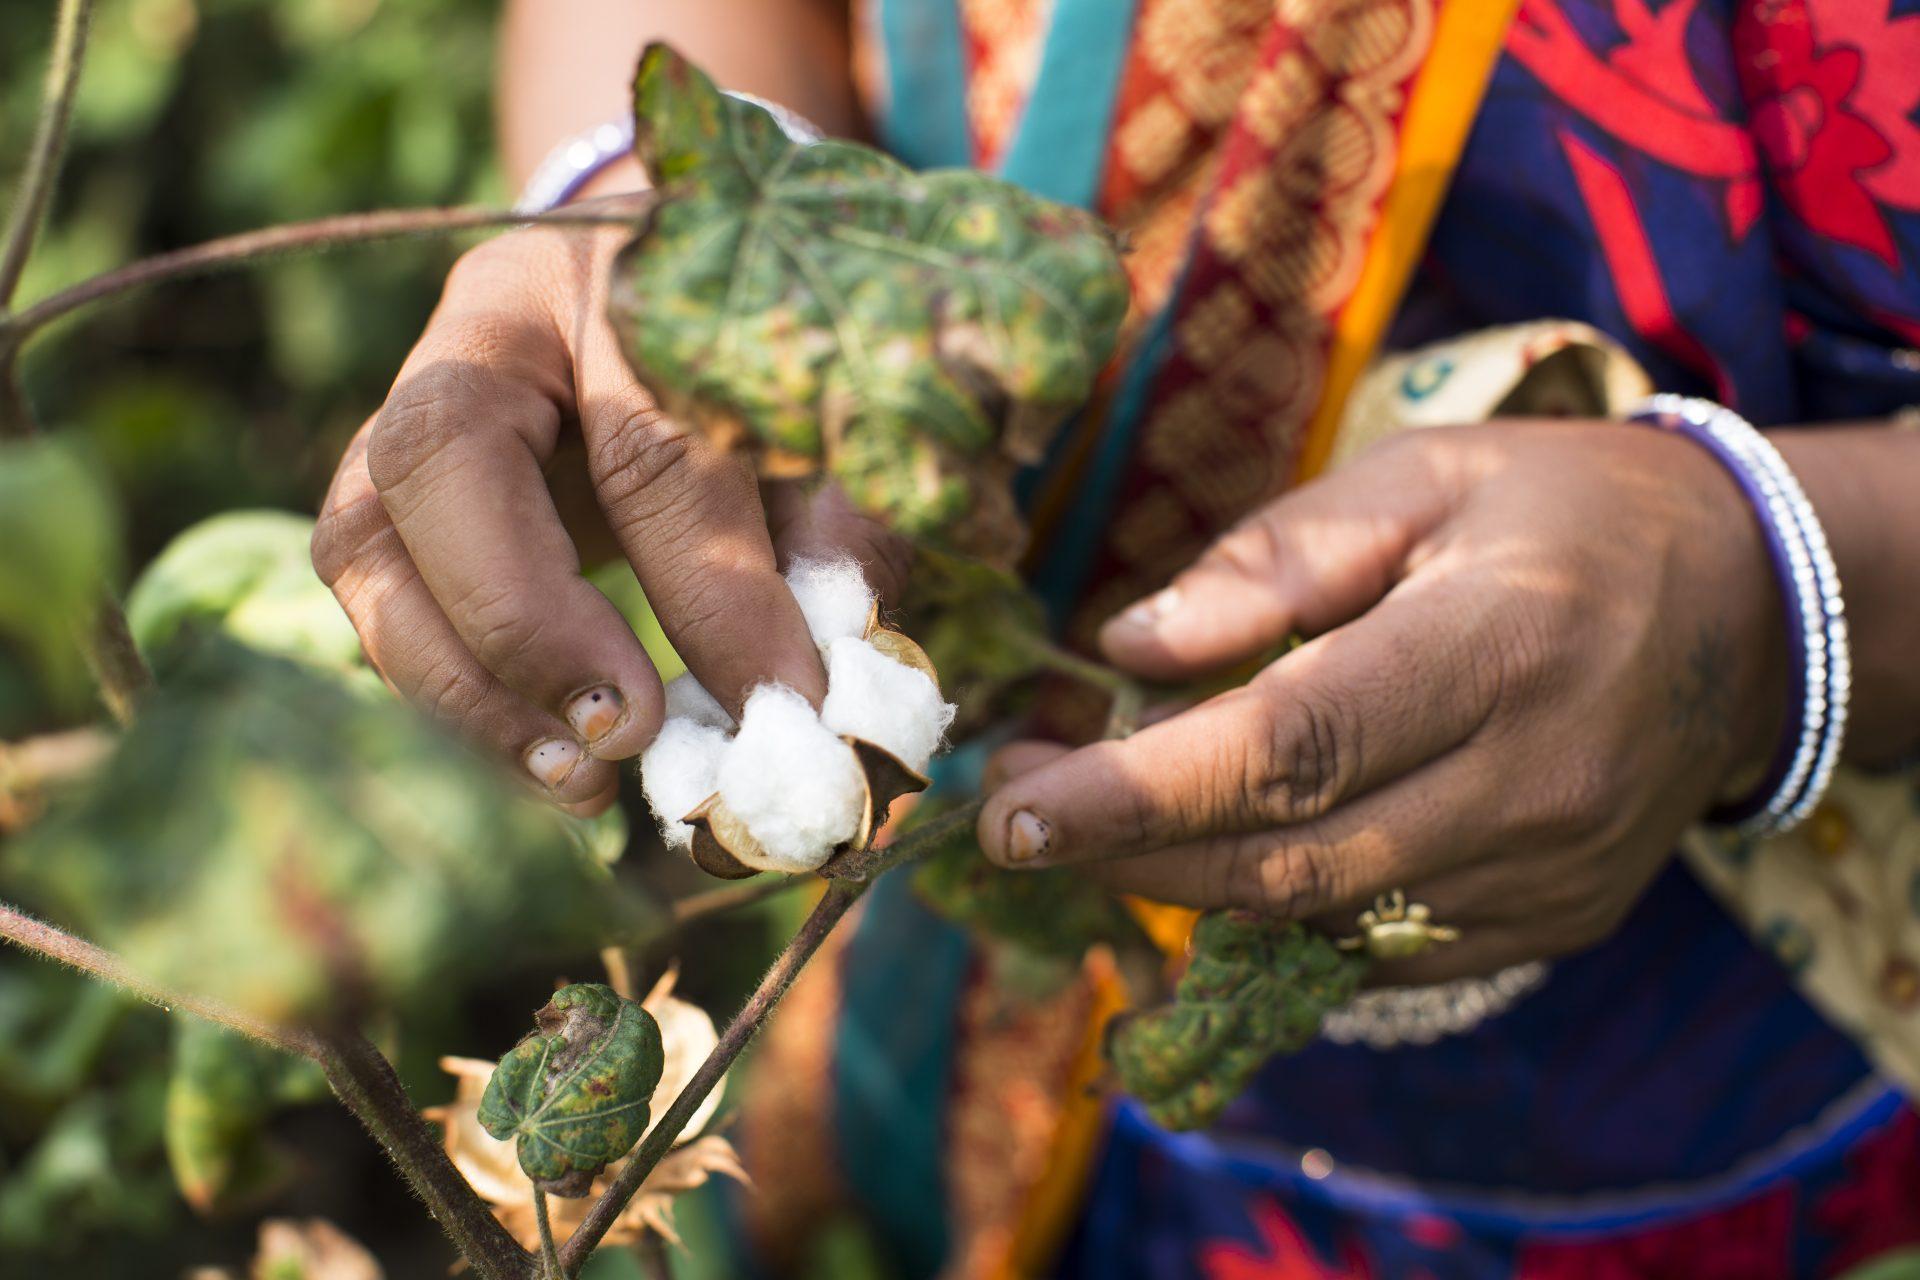 Eine Frau pflückt fairtrade Baumwolle